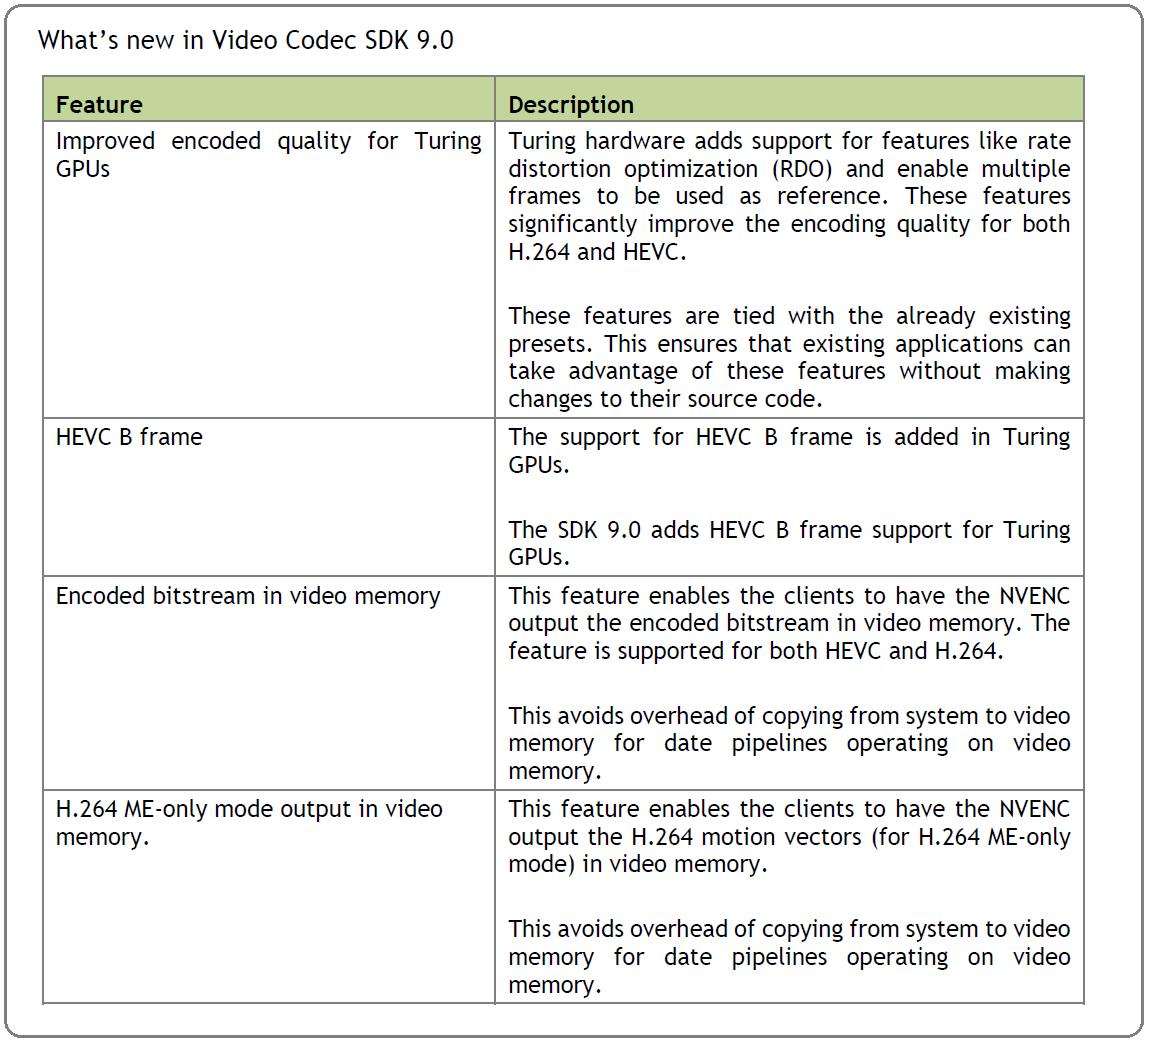 快適配信:5】Turing&新SDKによるNVEncの高画質・高速化を解説